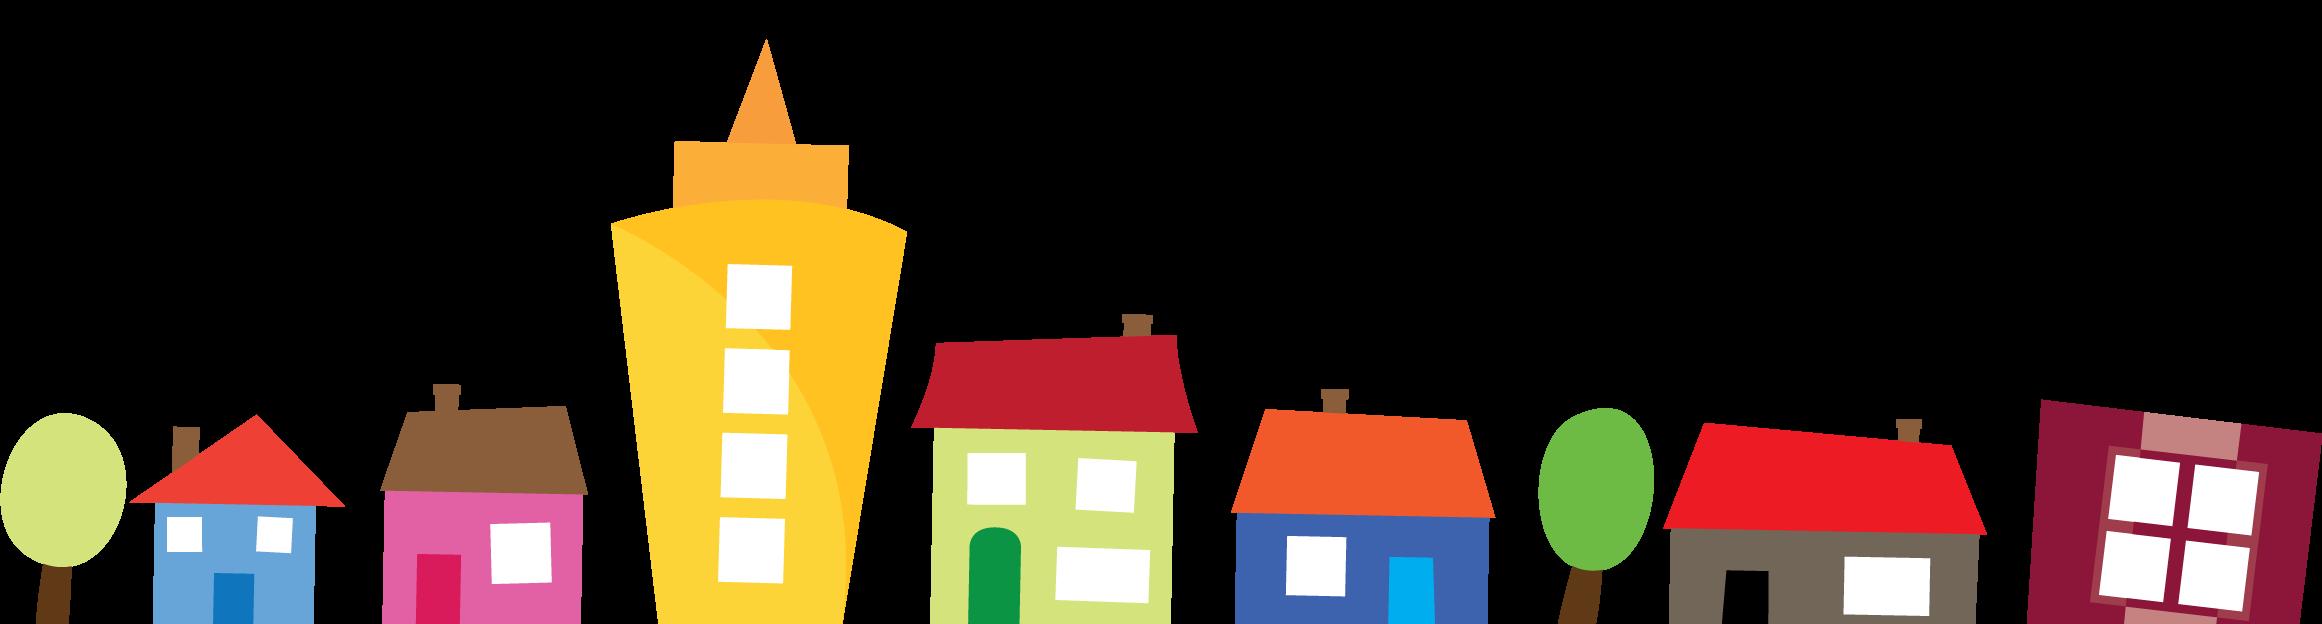 Neighbors clipart row house. Talk to your mpp